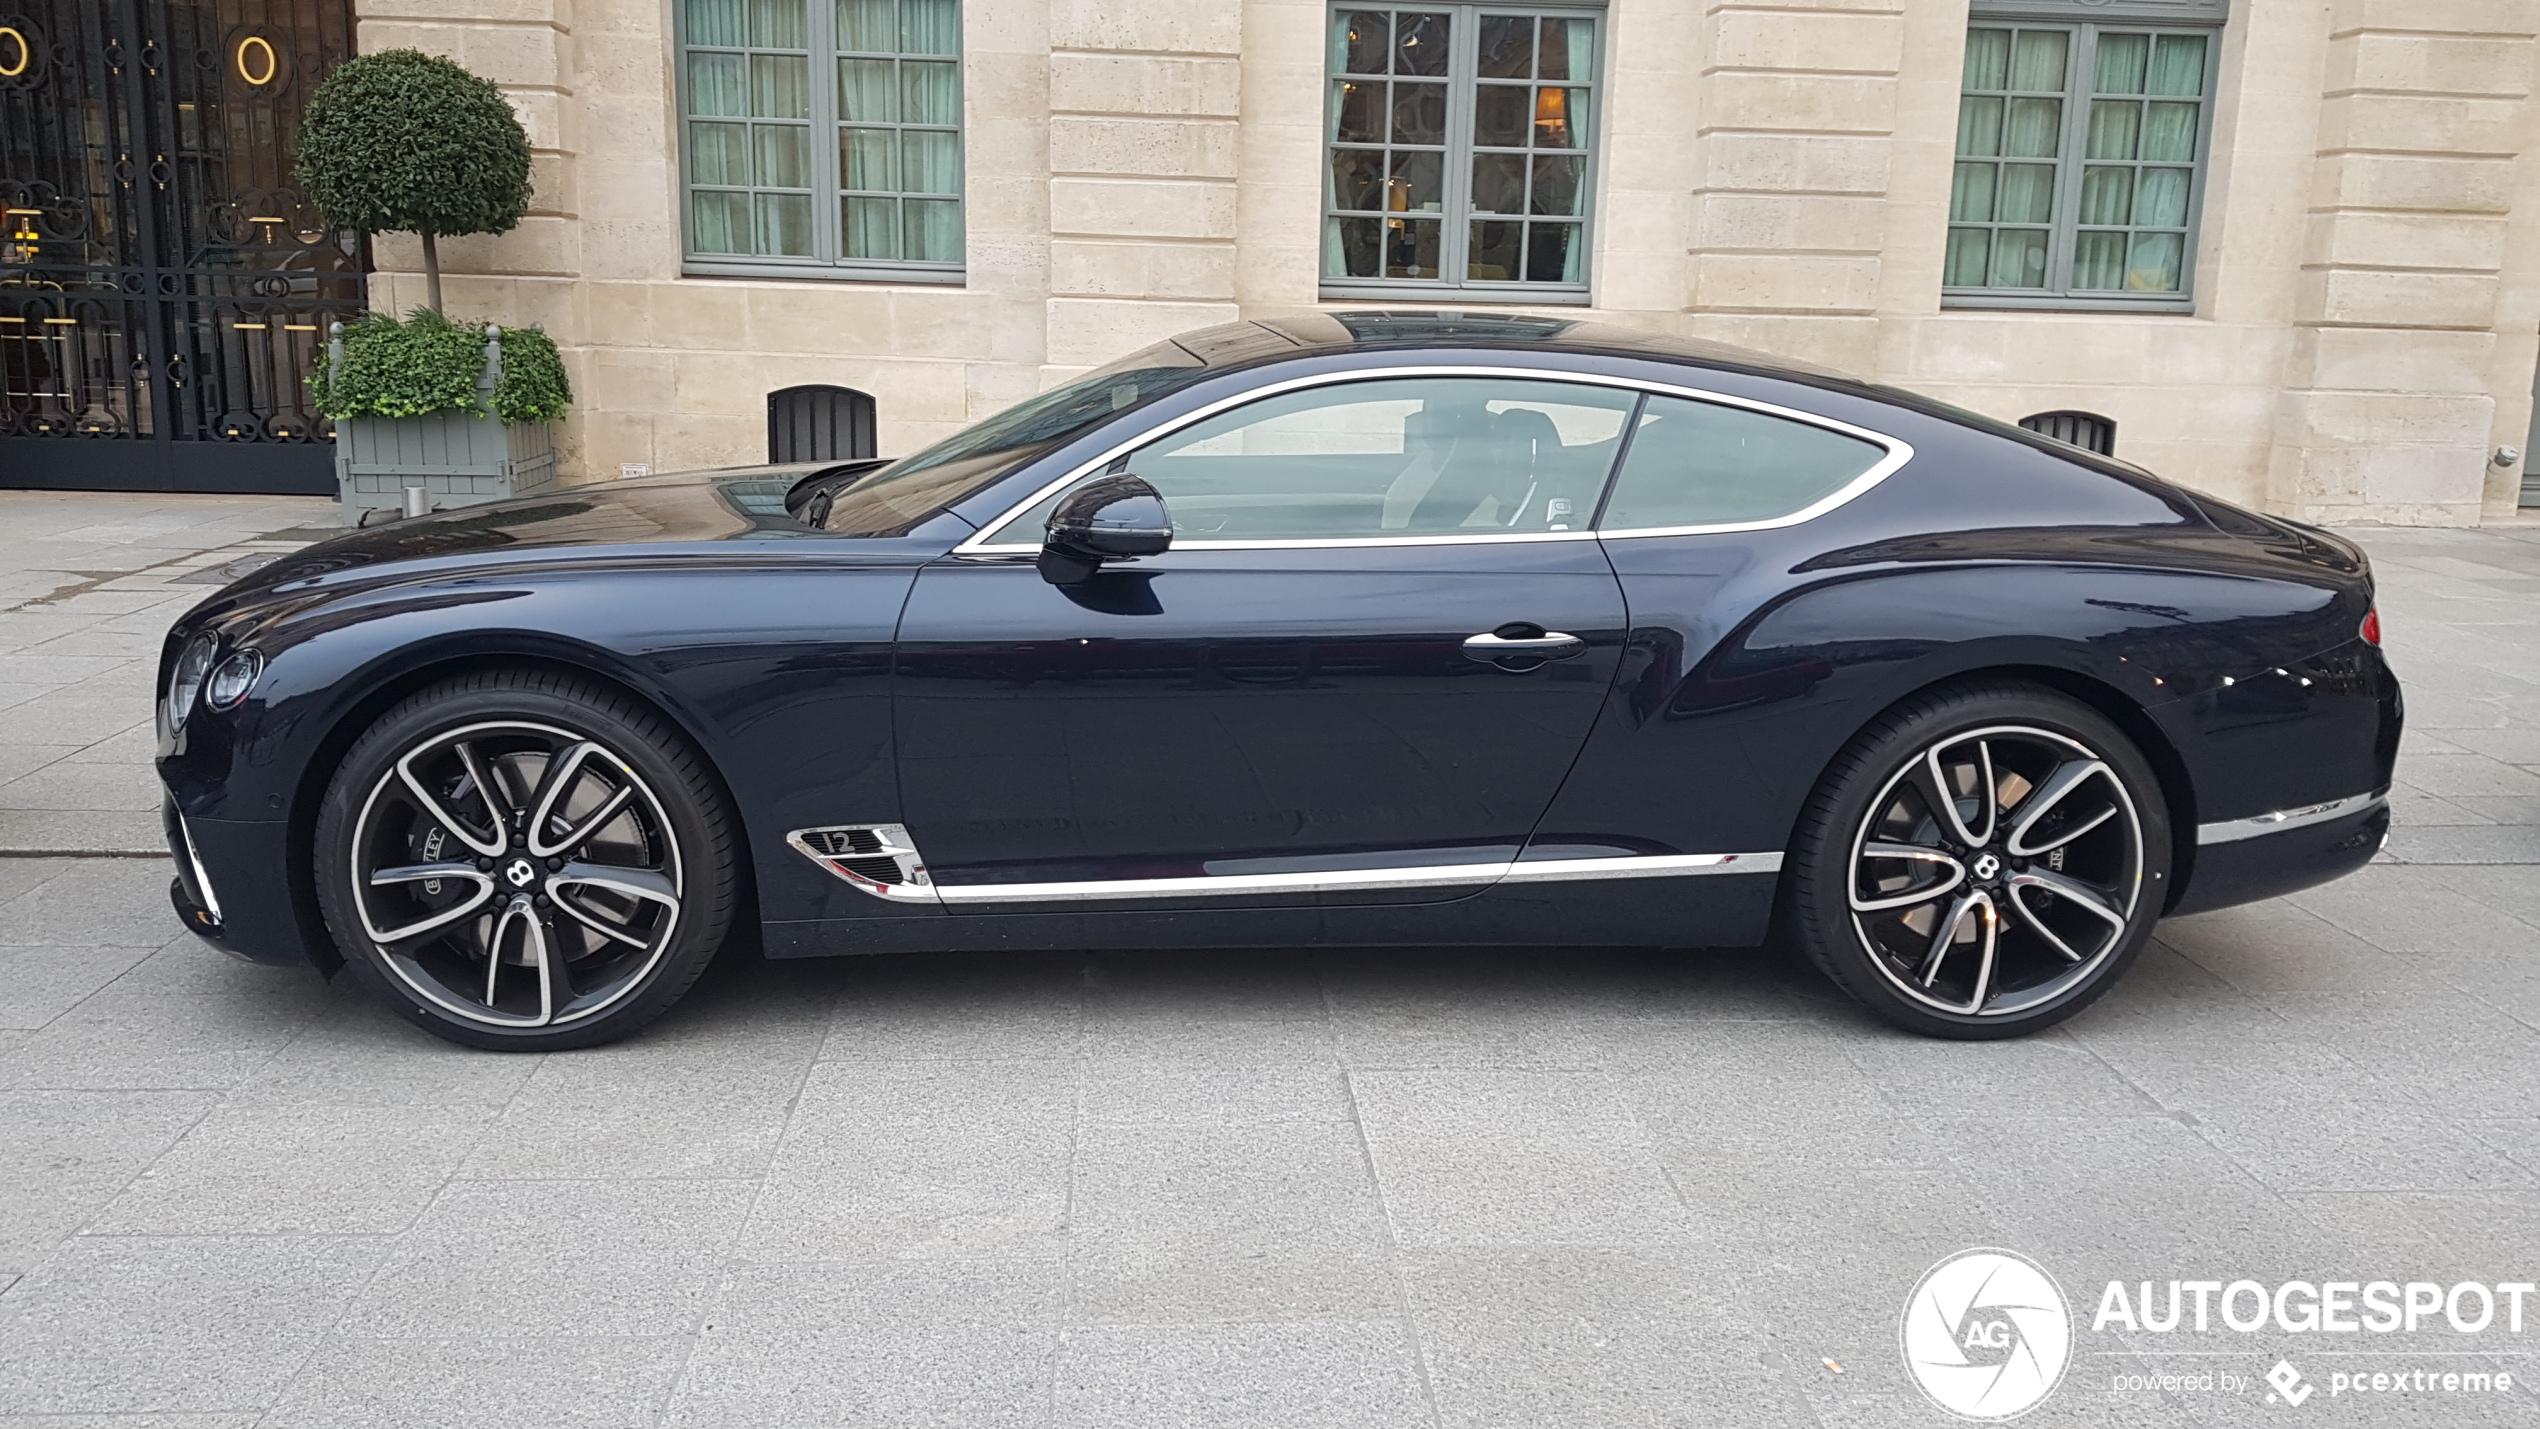 Bentley Continental Gt 2018 20 February 2020 Autogespot